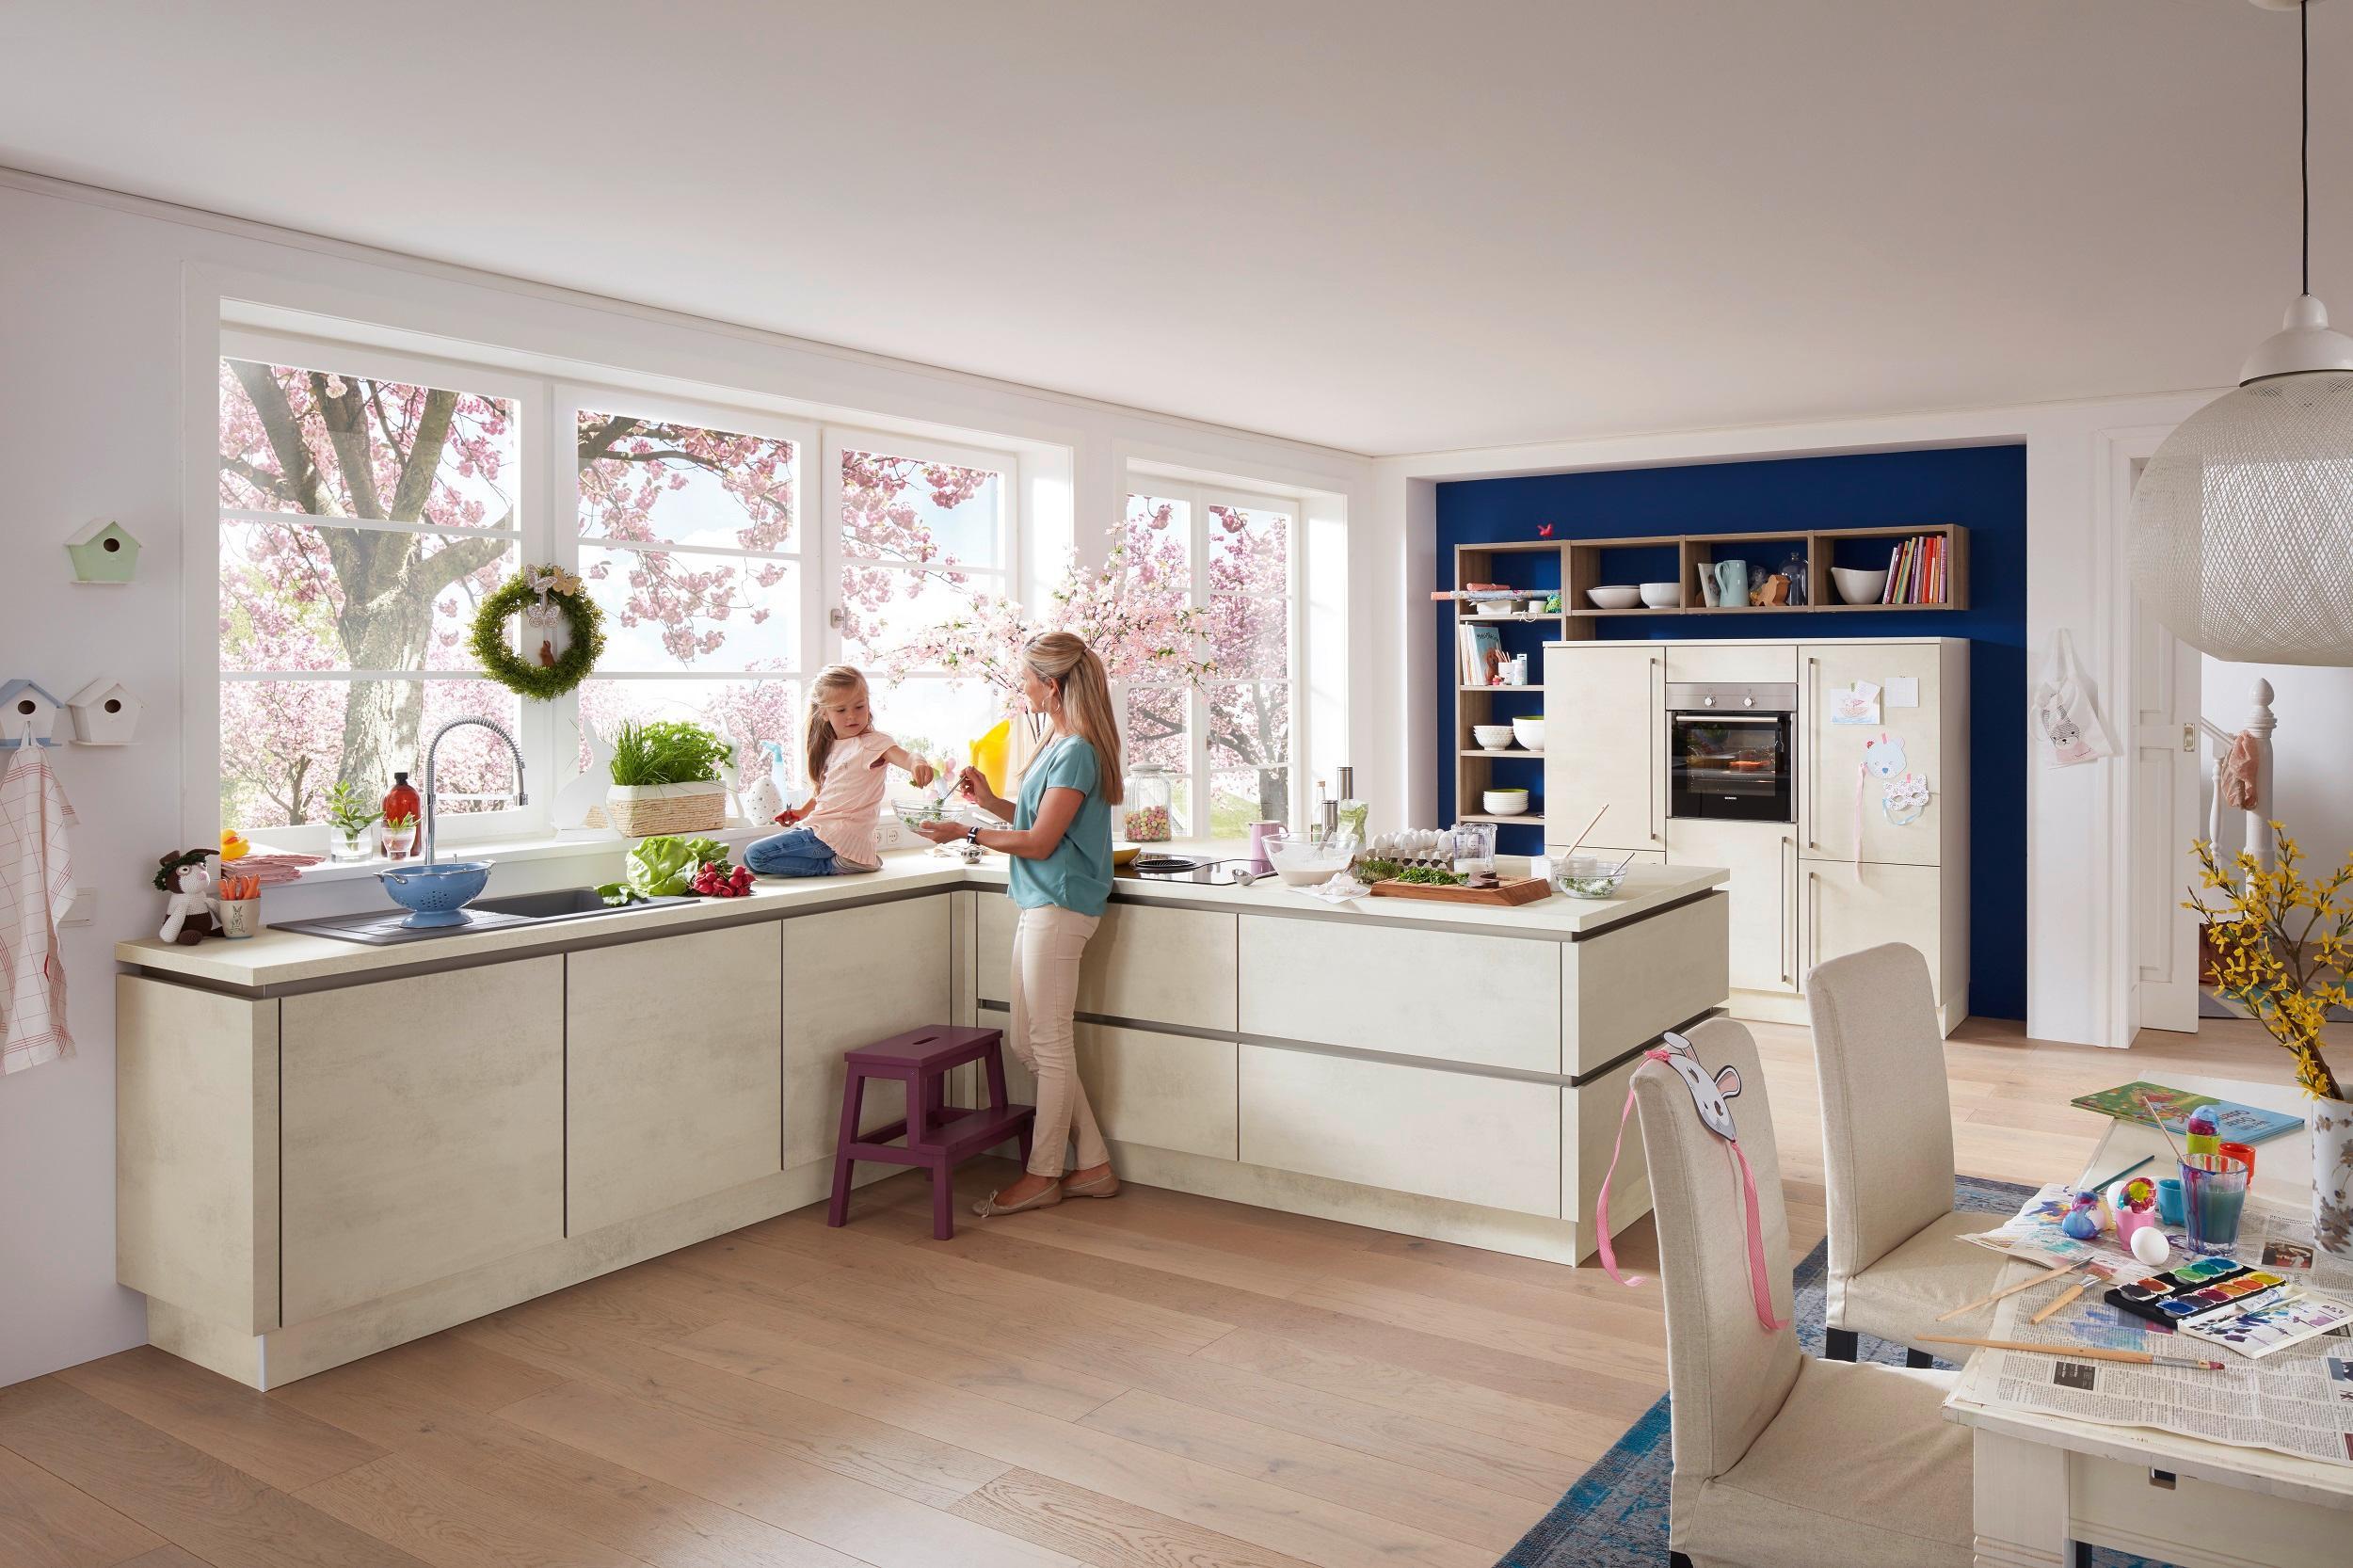 Full Size of Hipp Kchenideen Kchenstudio Kchengerte In Im Wohnzimmer Küchenideen